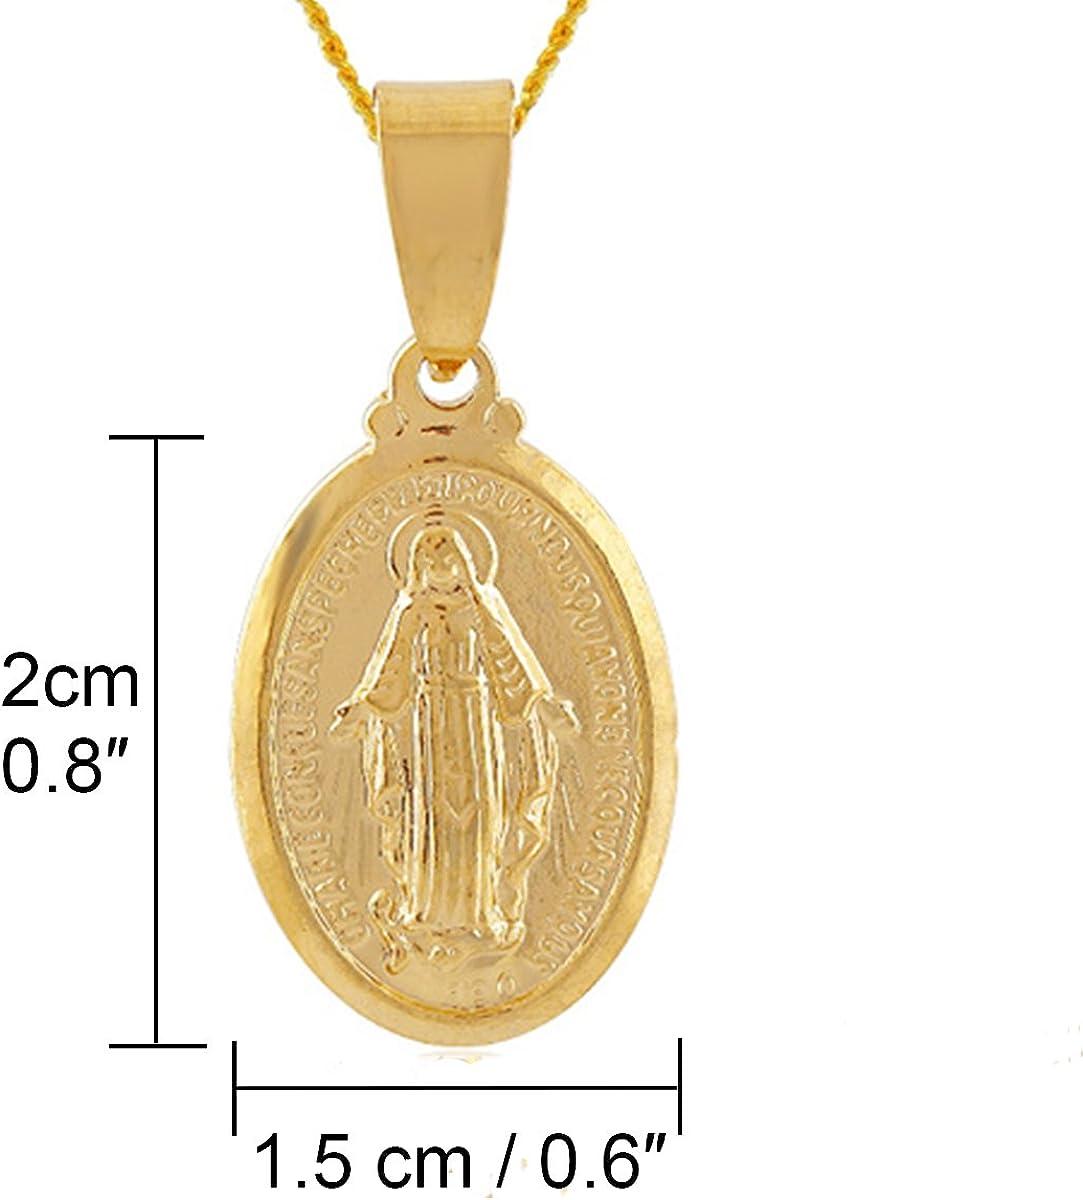 Yodensity Collier M/édaillon De La Sainte Vierge Marie Pendentif /Él/égant En 18K Plaqu/é Or Cadeau Pour Saint Valentin F/ête Des M/ères Anniversaire